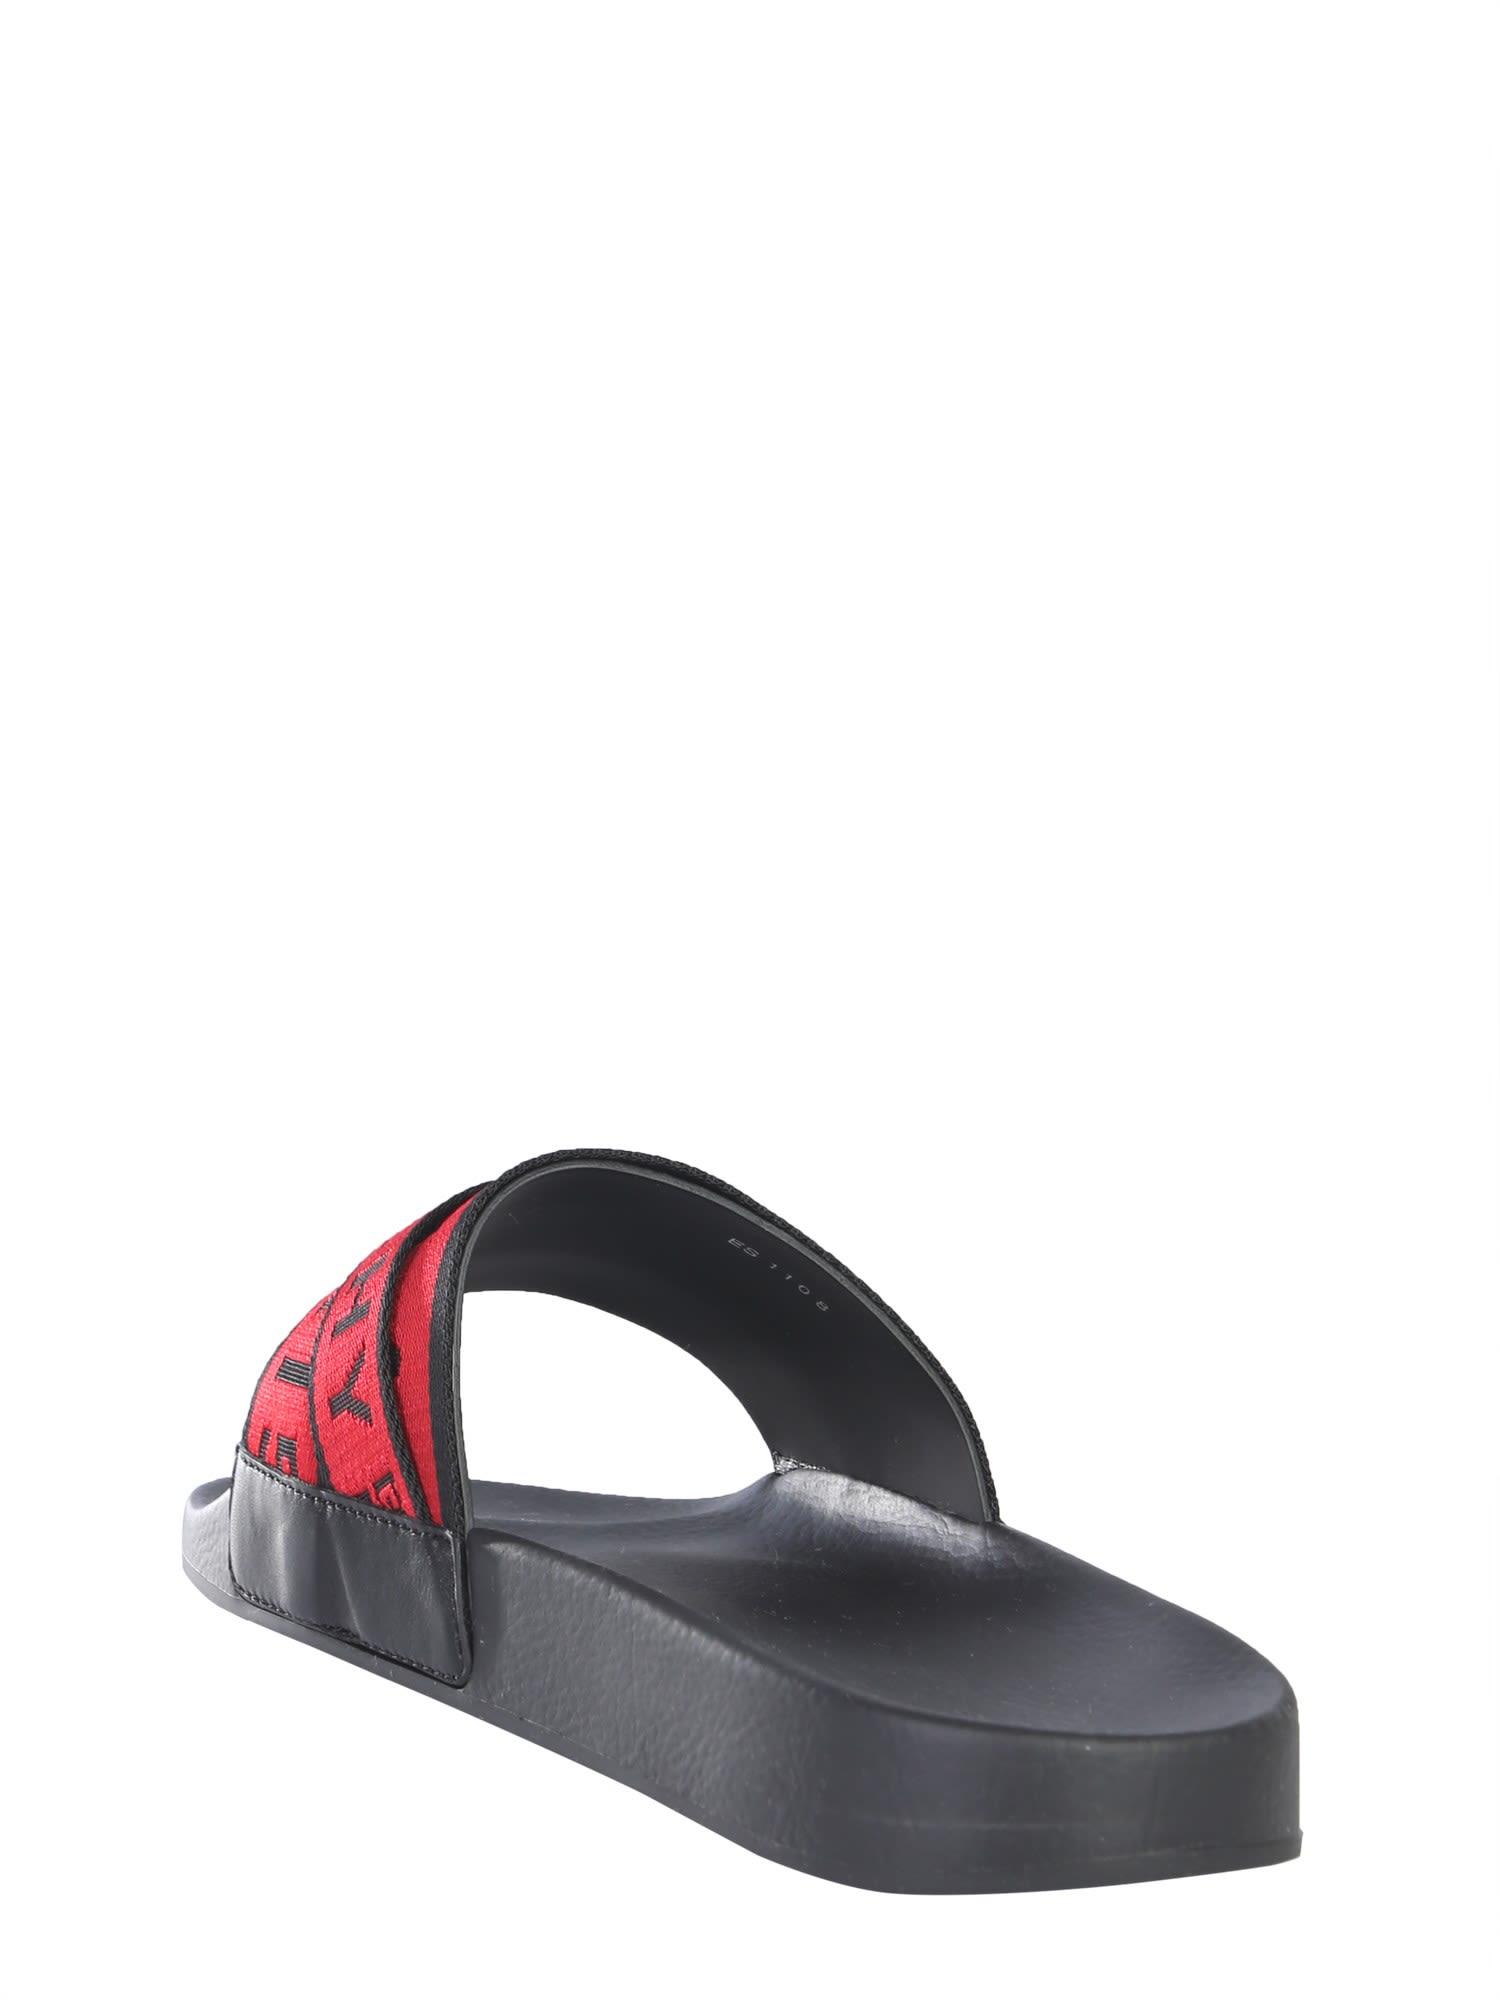 a0fad8eaa1e0 Givenchy Slide Sandals - Black Givenchy Slide Sandals - Black ...